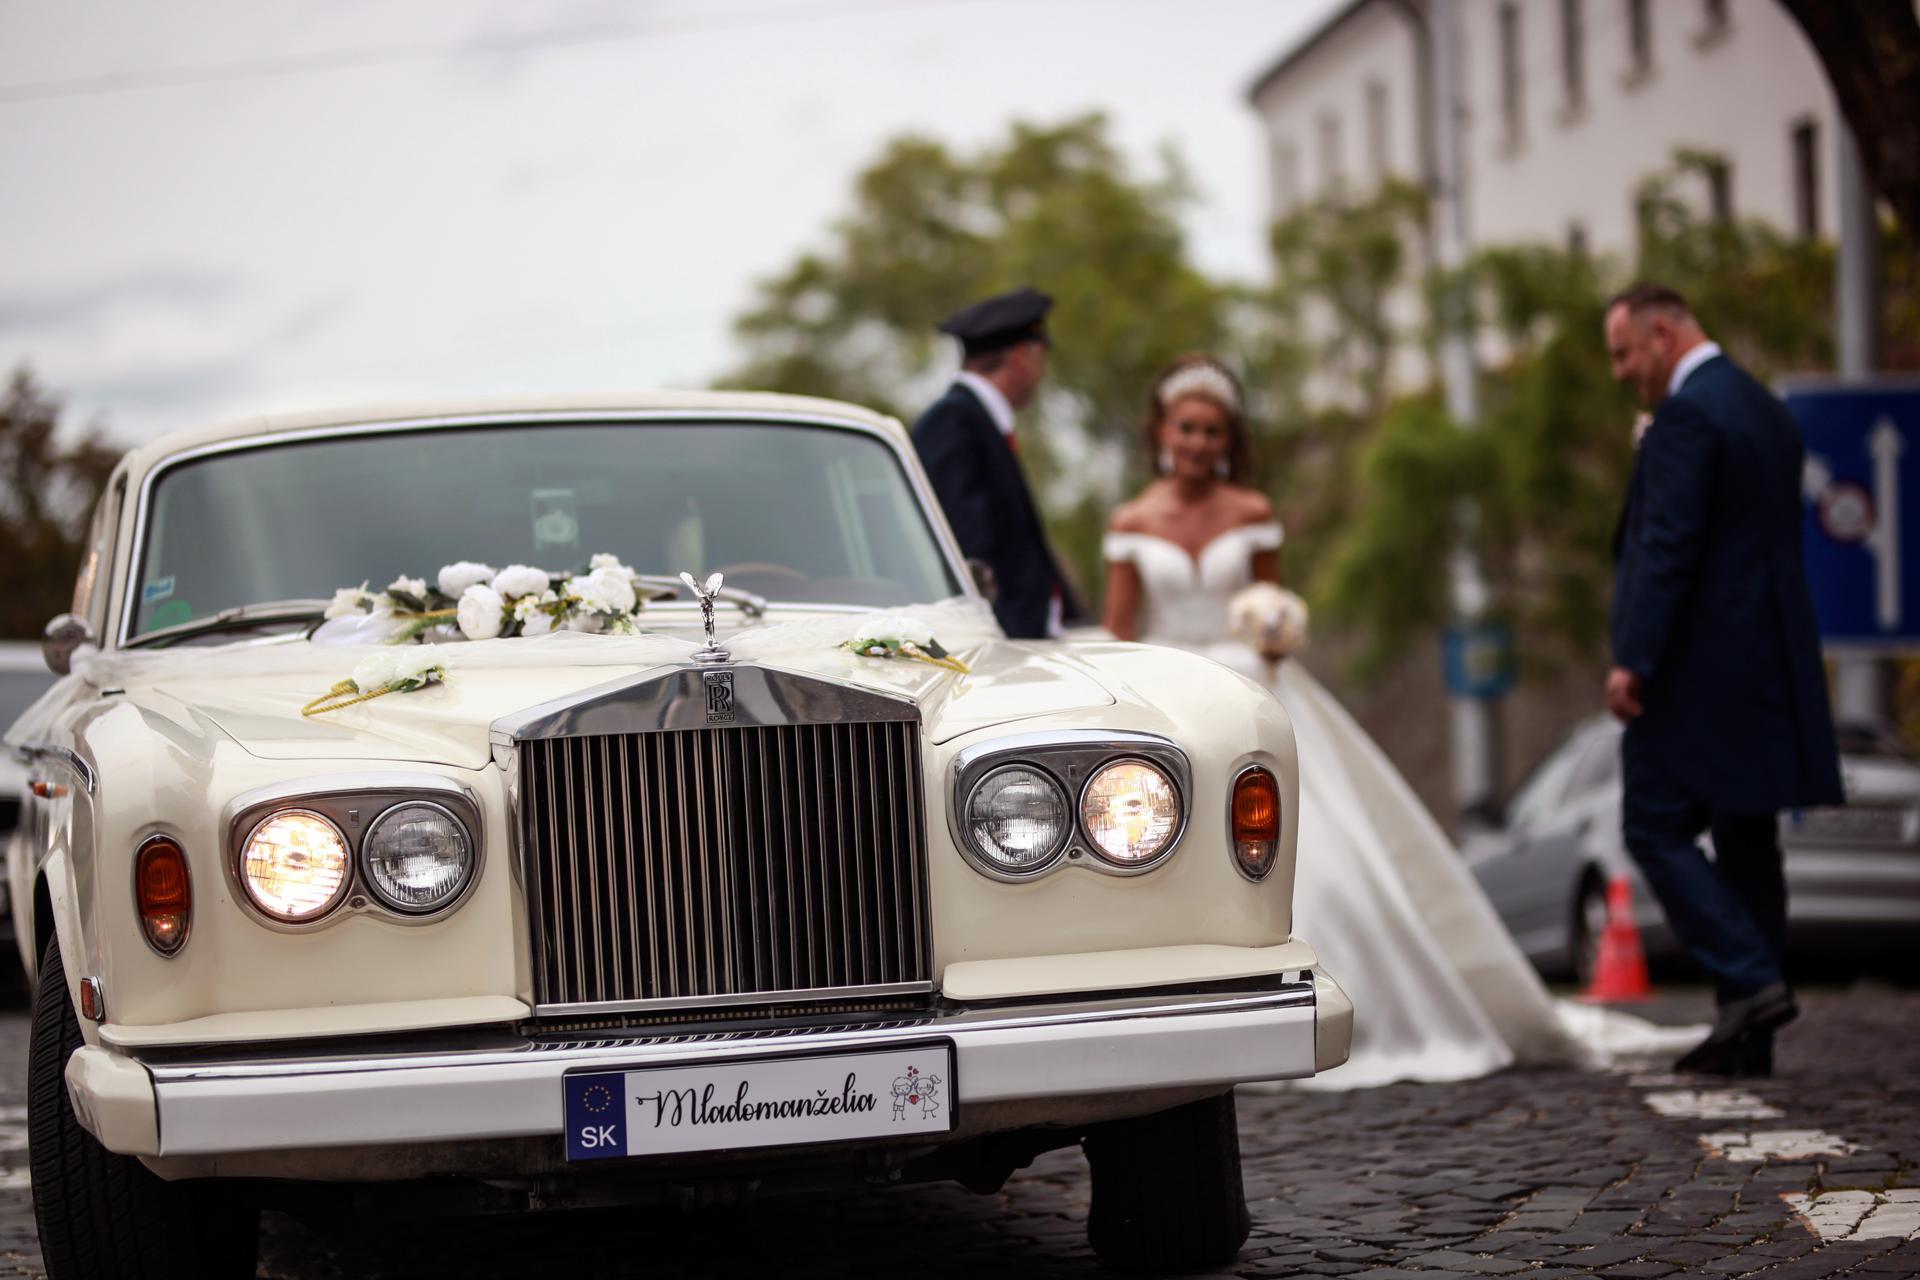 Svadba 22.05.2021 Bratislava Staré Mesto - Kaštieľ Studené - Obrázok č. 3